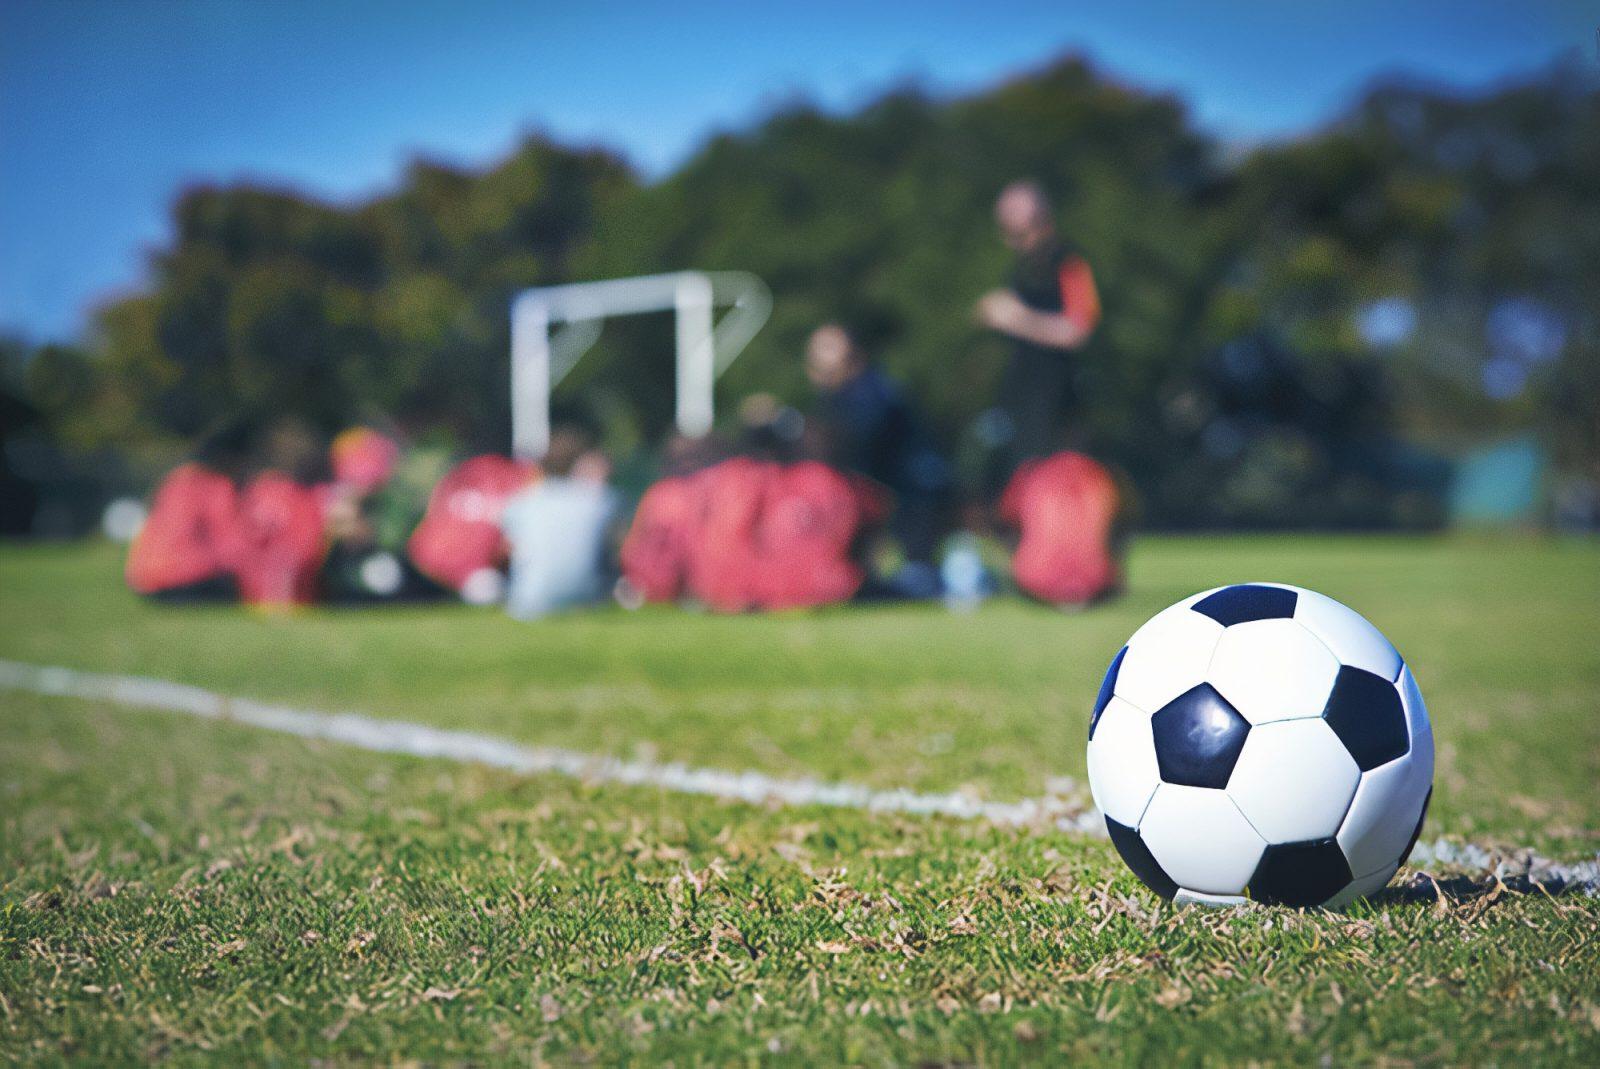 Sports d'équipe: un passage en zone jaune qui arrive à point